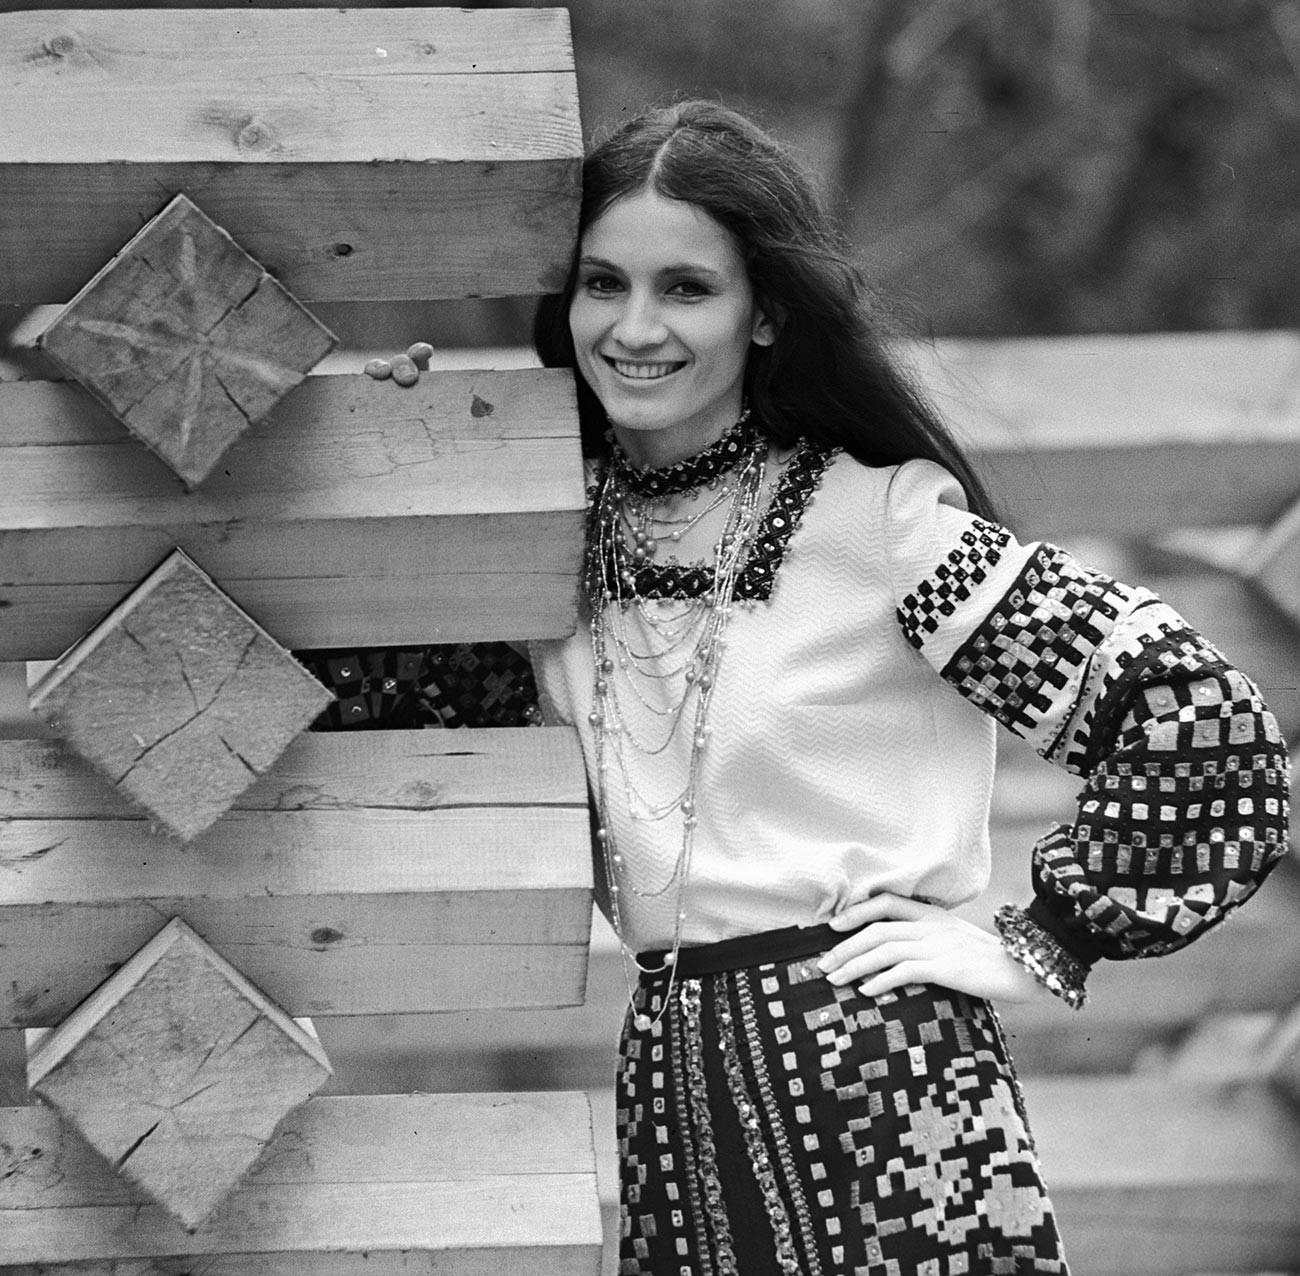 Sofia Rotaru, chanteuse moldave très populaire en URSS (et encore aujourd'hui), 1974